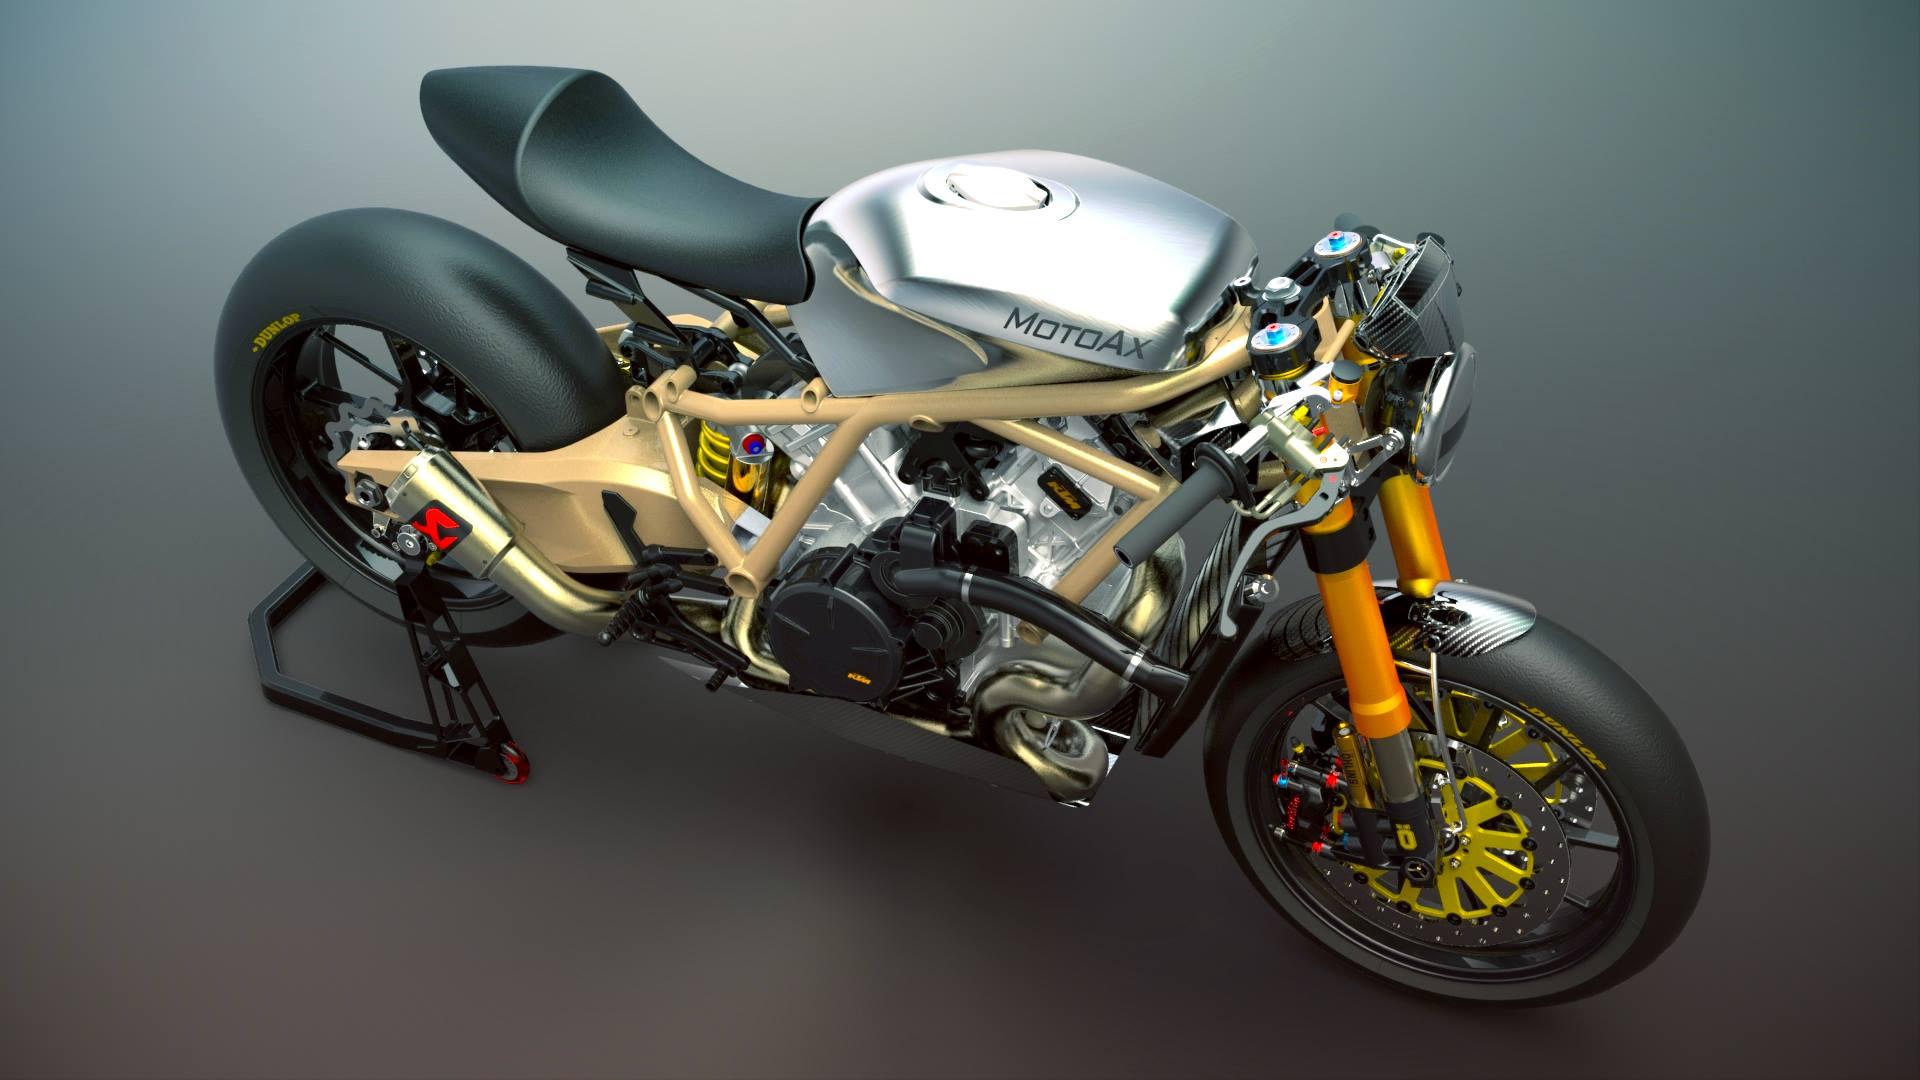 KTM のスーパースポーツRC8をネイキッドにすると。。。